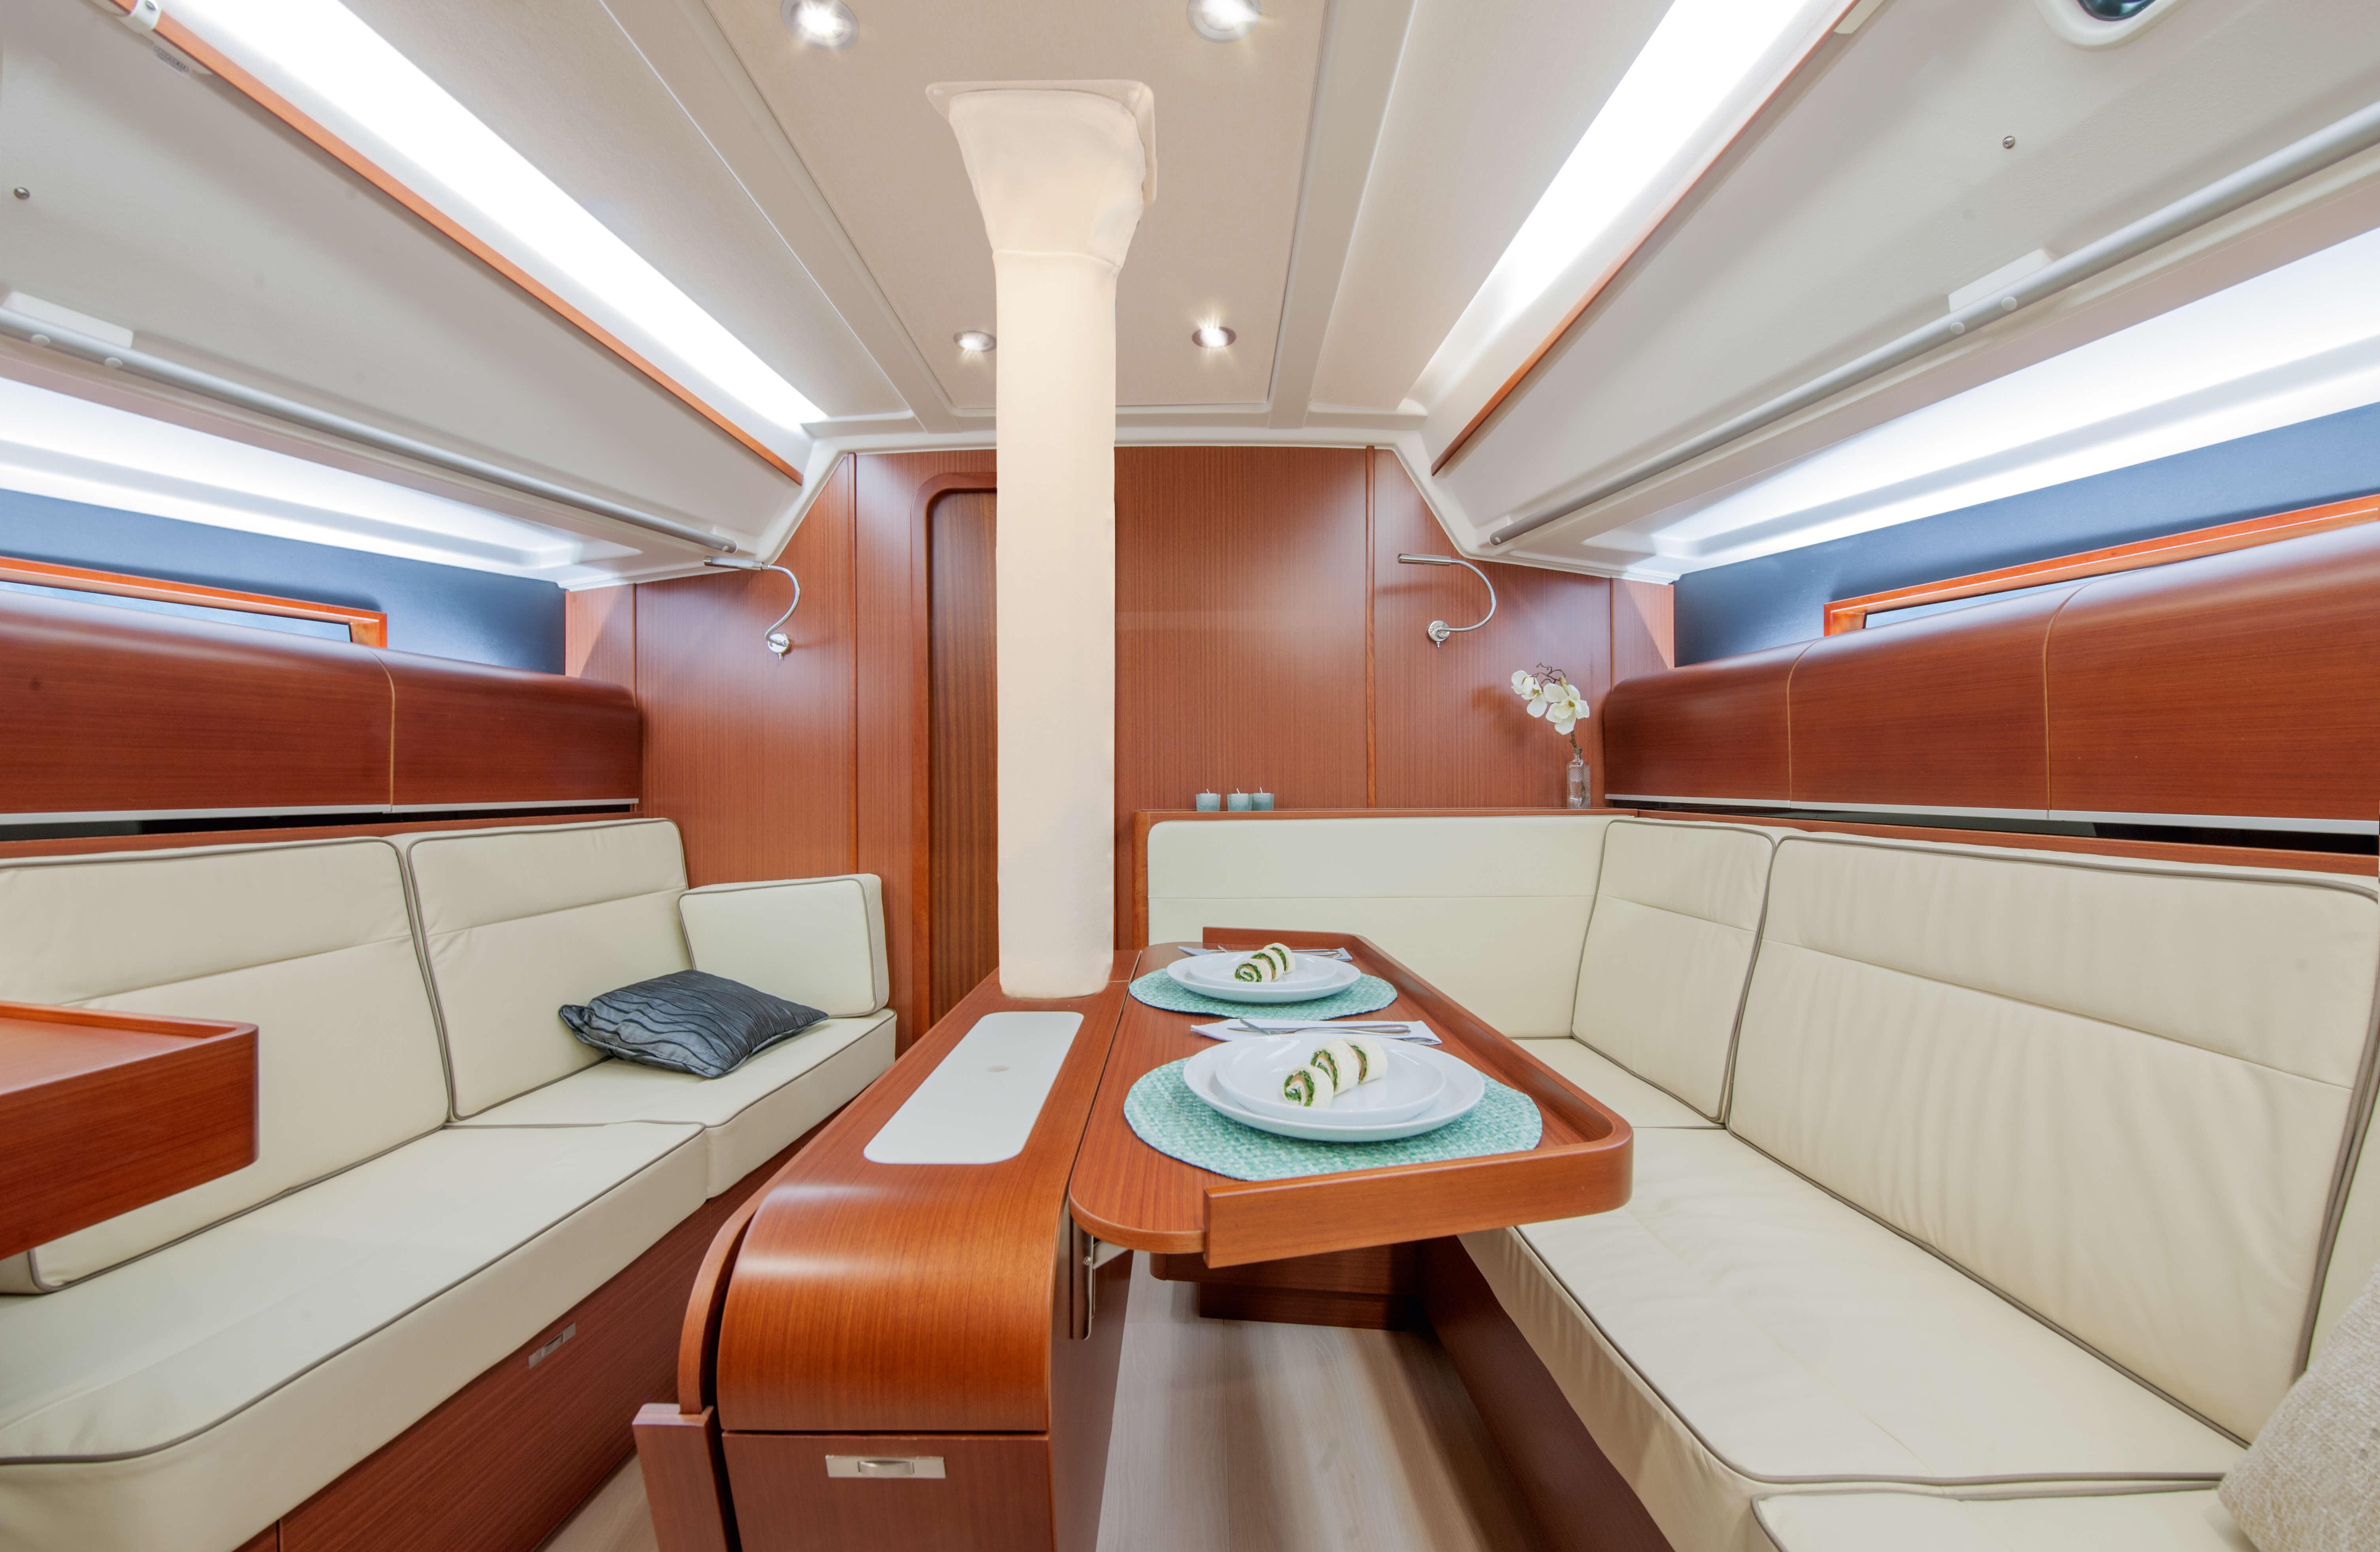 Dehler 42 Interno salone | B1 Layout: mahogany, zona di seduta, tavolo pieghevole, finestra, portello della coperta | Dehler